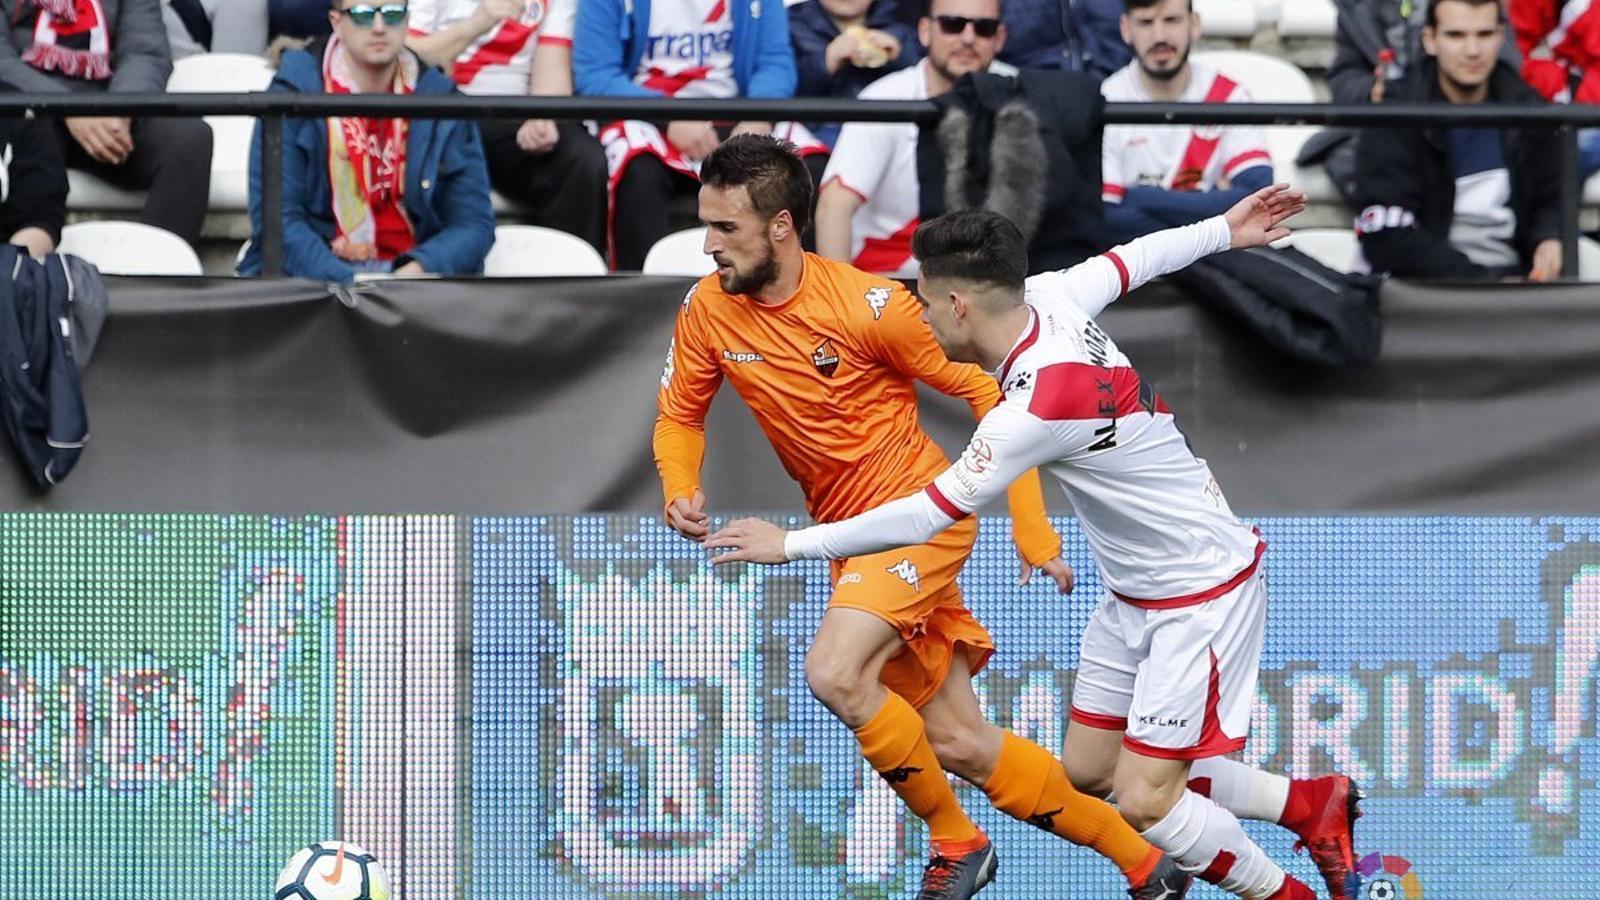 Una acció del partit entre el Rayo Vallecano i el Reus protagonitzada per Jorge Miramón